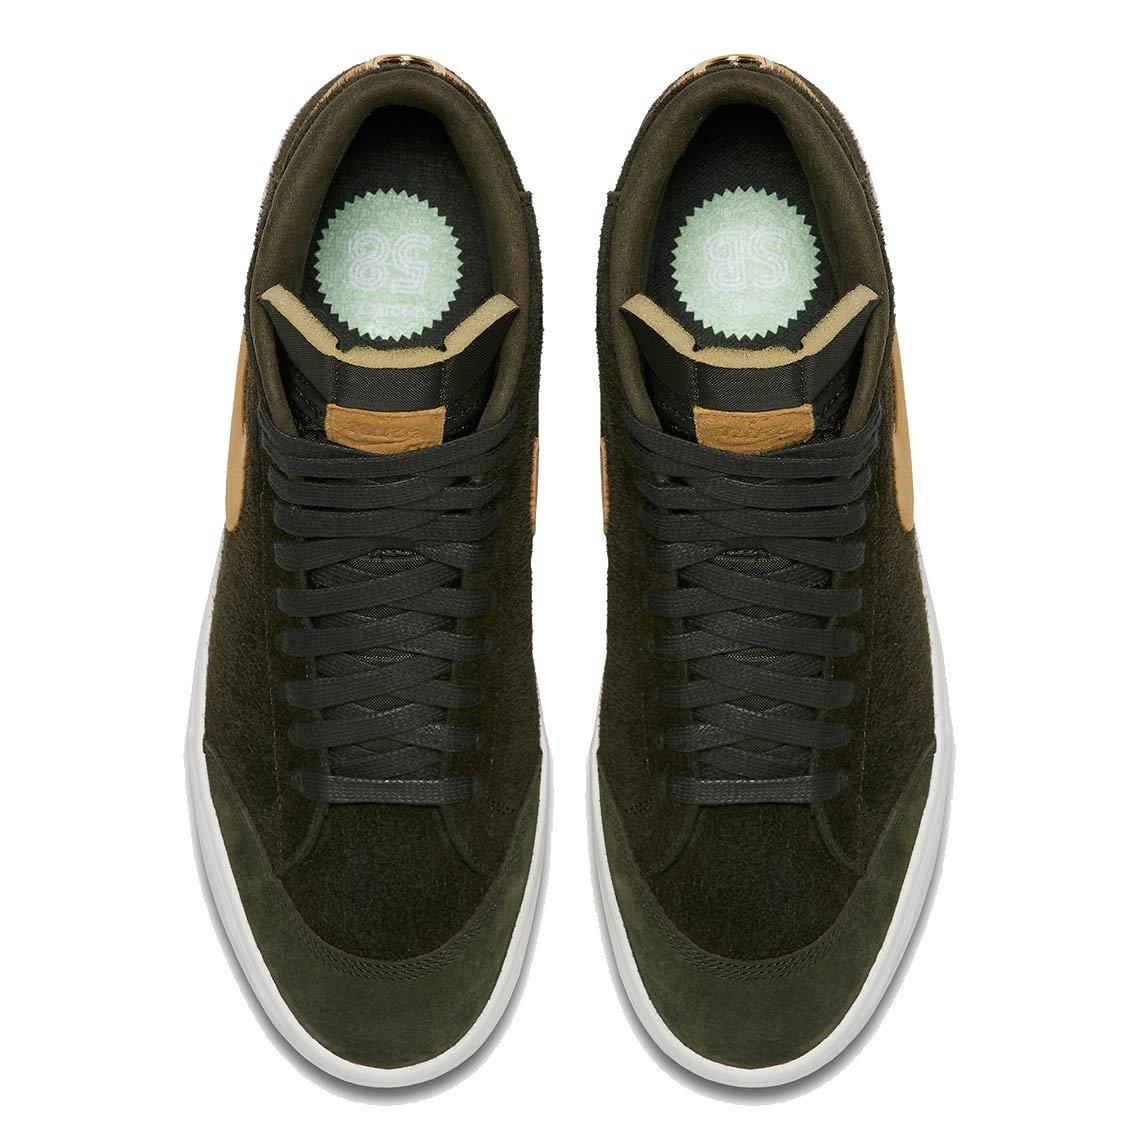 8c8f2b043 shoes nike sb x we club 58 zoom blazer mid qs sequoia / gold   Shoes ...